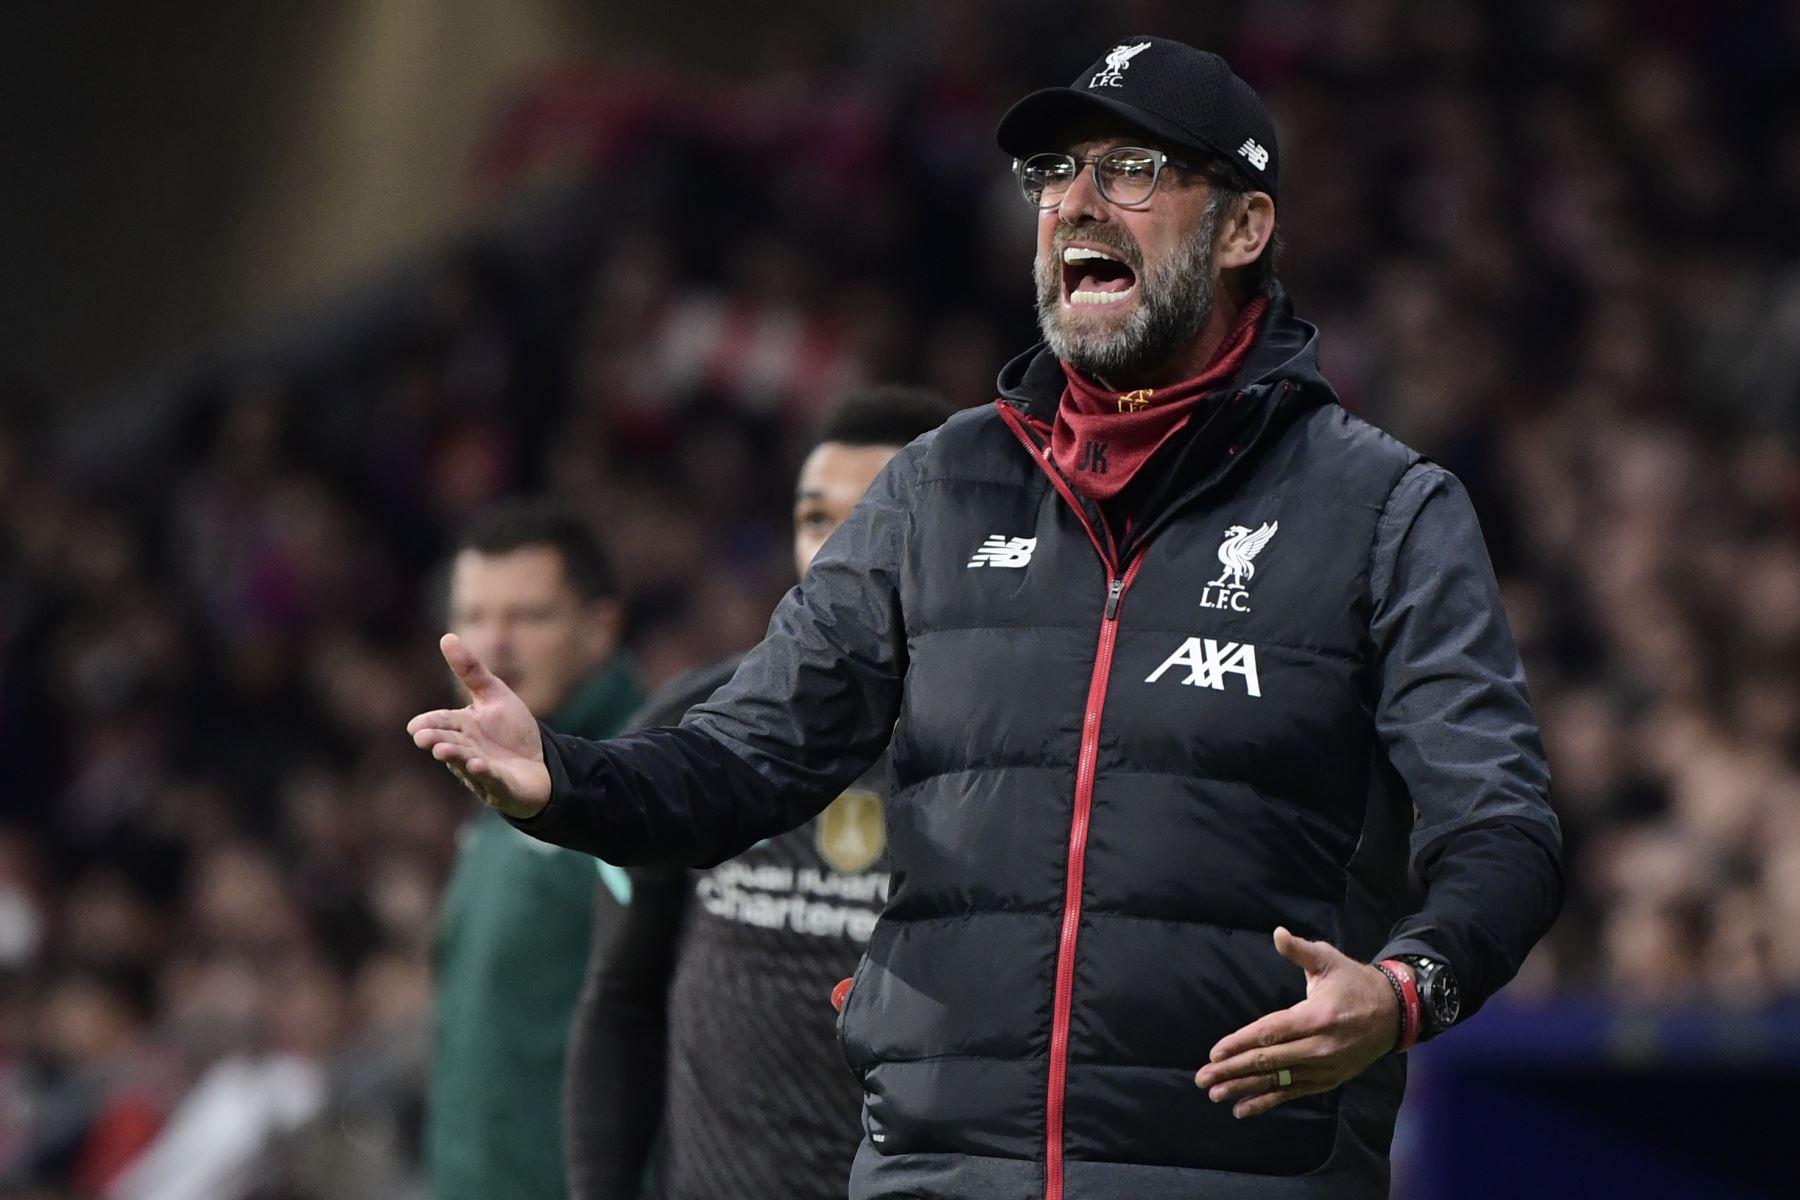 El entrenador alemán del Liverpool, Jurgen Klopp, hace gestos durante la UEFA Champions League, octavos de final, partido de fútbol de ida entre el Club Atlético de Madrid y el Liverpool FC en el estadio Wanda Metropolitano de Madrid-Foto:AFP